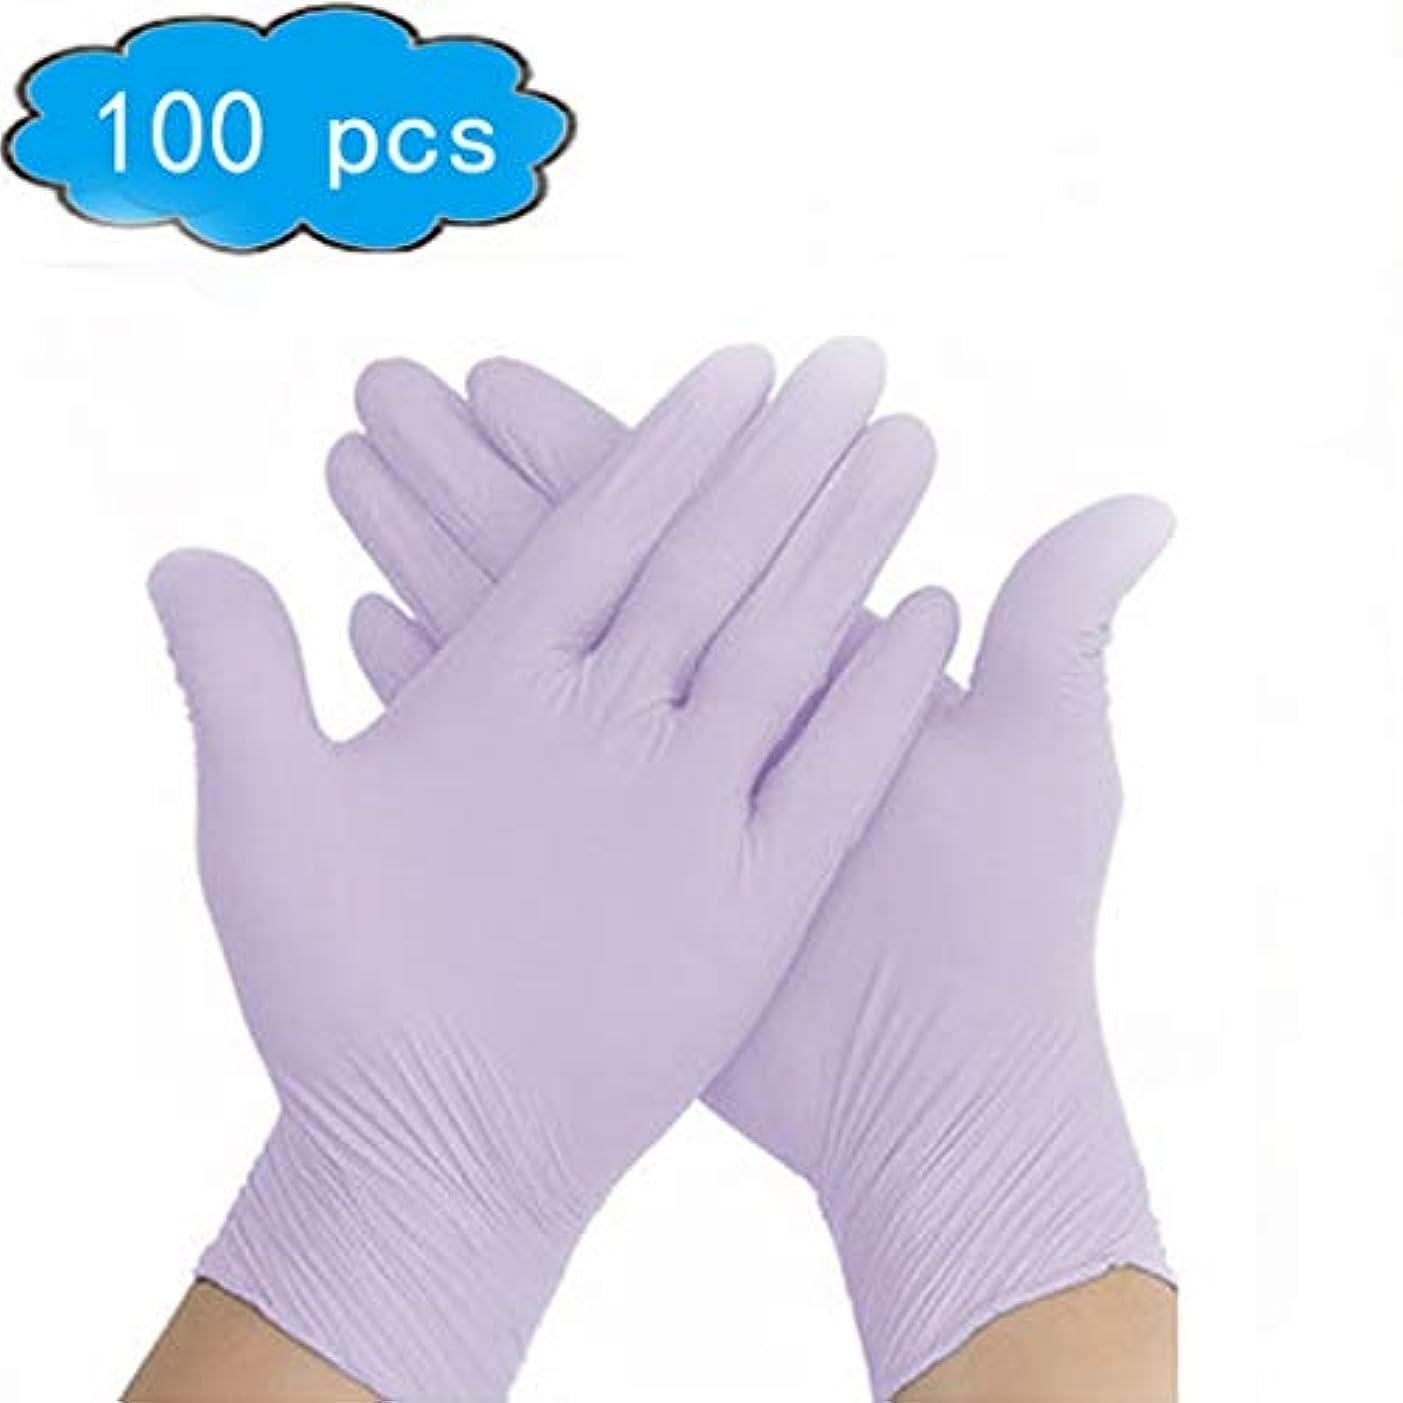 バラエティグローバル医薬品ニトリル手袋 - 医療用グレード、パウダーフリー、使い捨て、非滅菌、食品安全、テクスチャード加工、紫色、便利なディスペンサーパッケージ100、中サイズ、サニタリー手袋 (Color : Purple, Size : L)